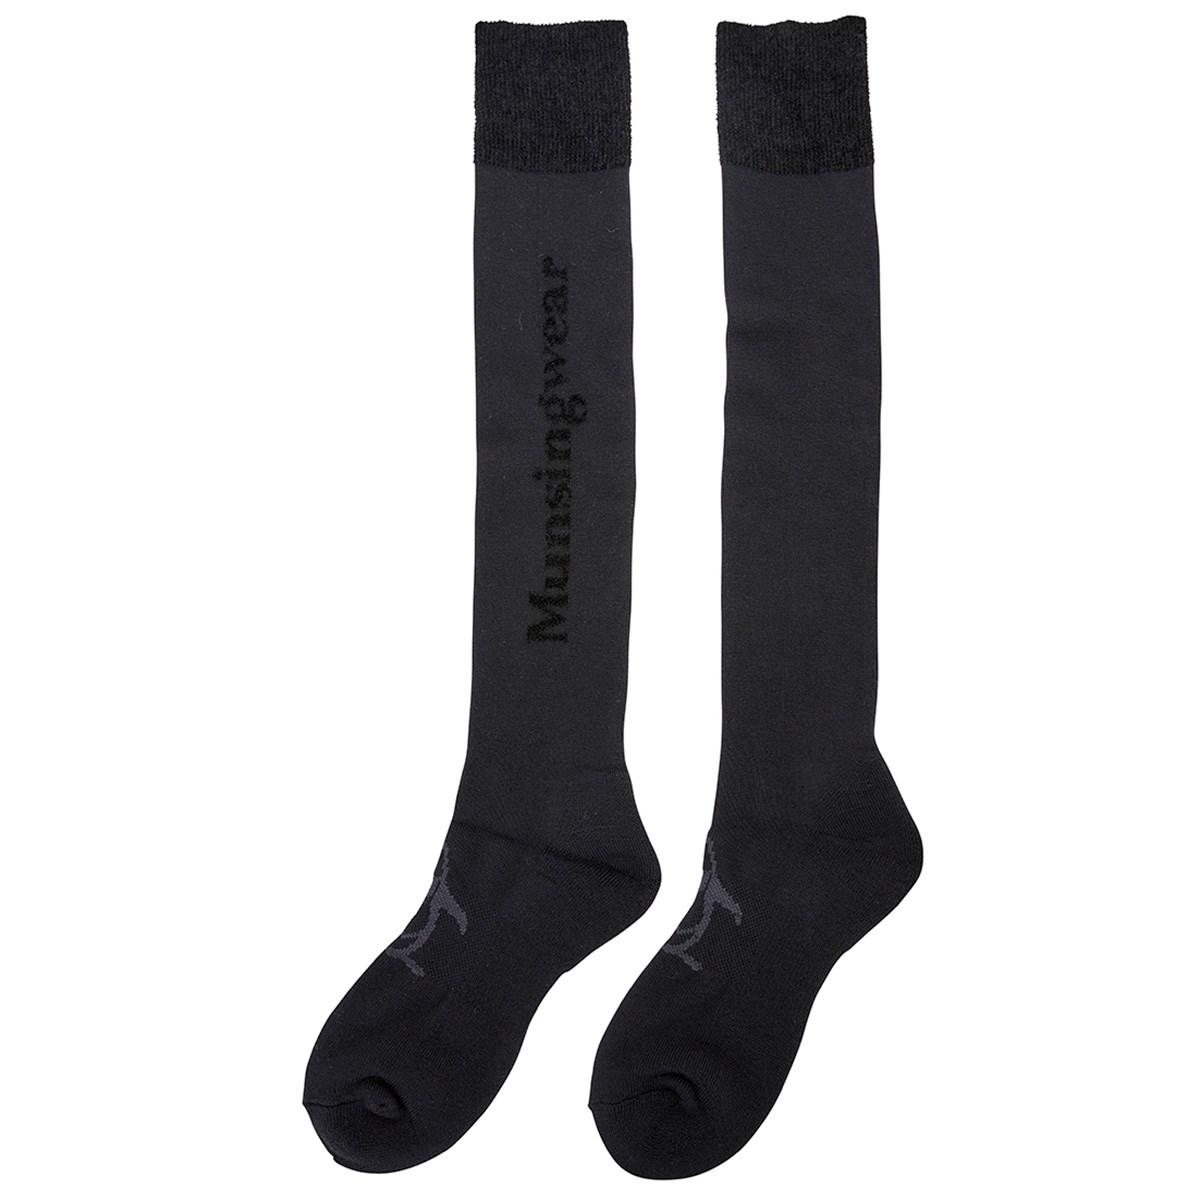 マンシングウェア Munsingwear サイドロゴニーハイソックス フリー ブラック 00 レディス